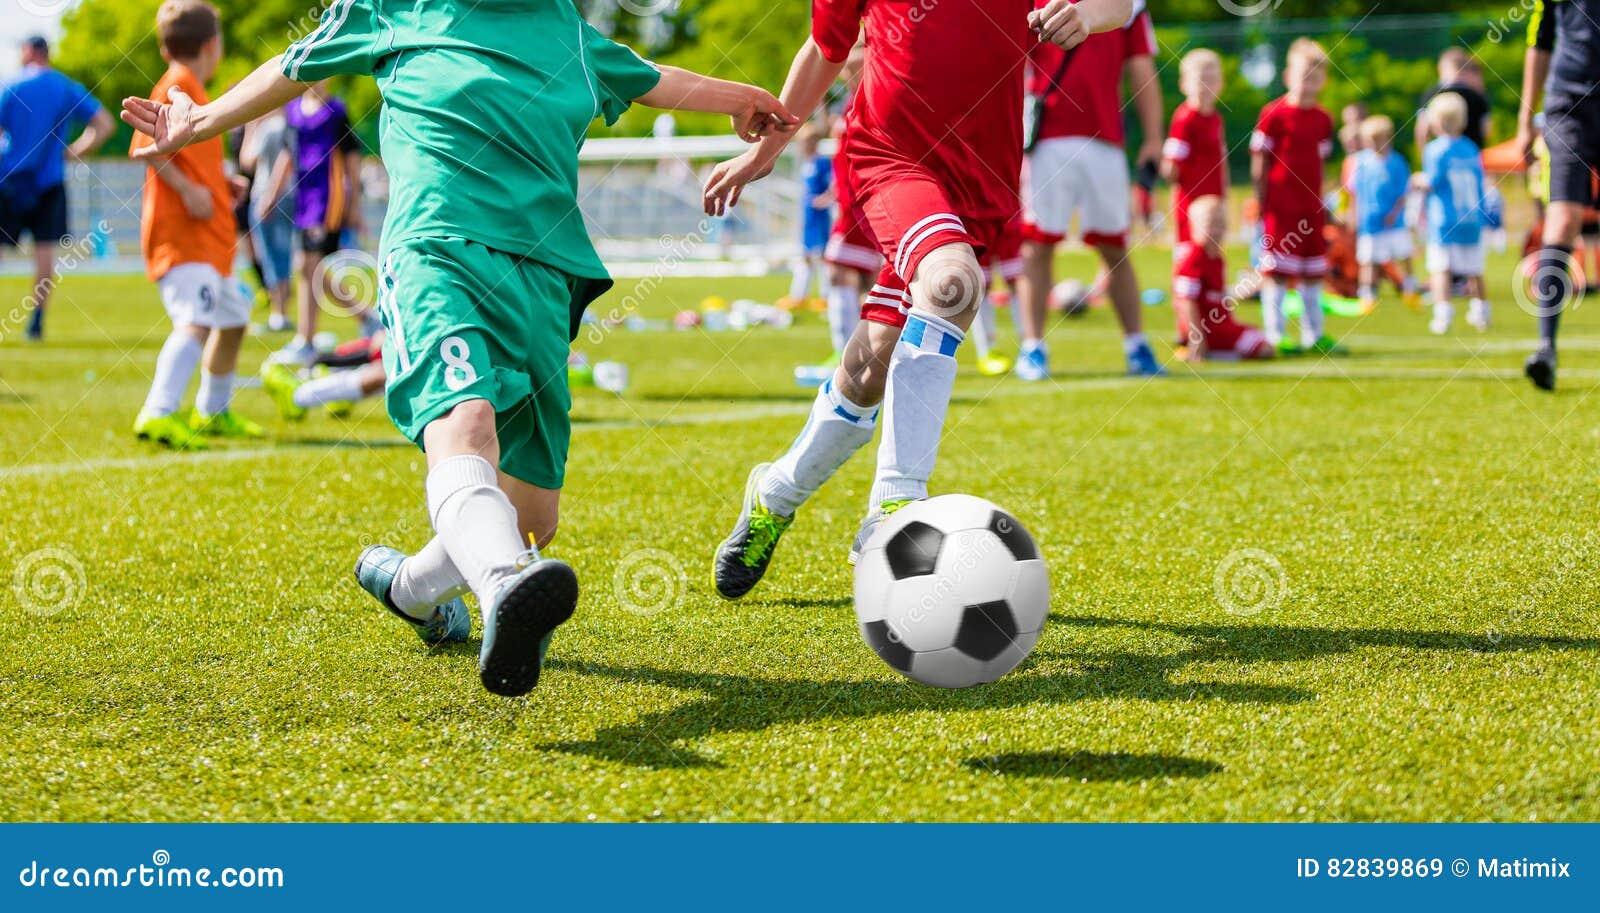 Kinderen die het Spel van het Voetbalvoetbal op Sportterrein spelen De jongens spelen Voetbalgelijke op Groen Gras De Toernooient